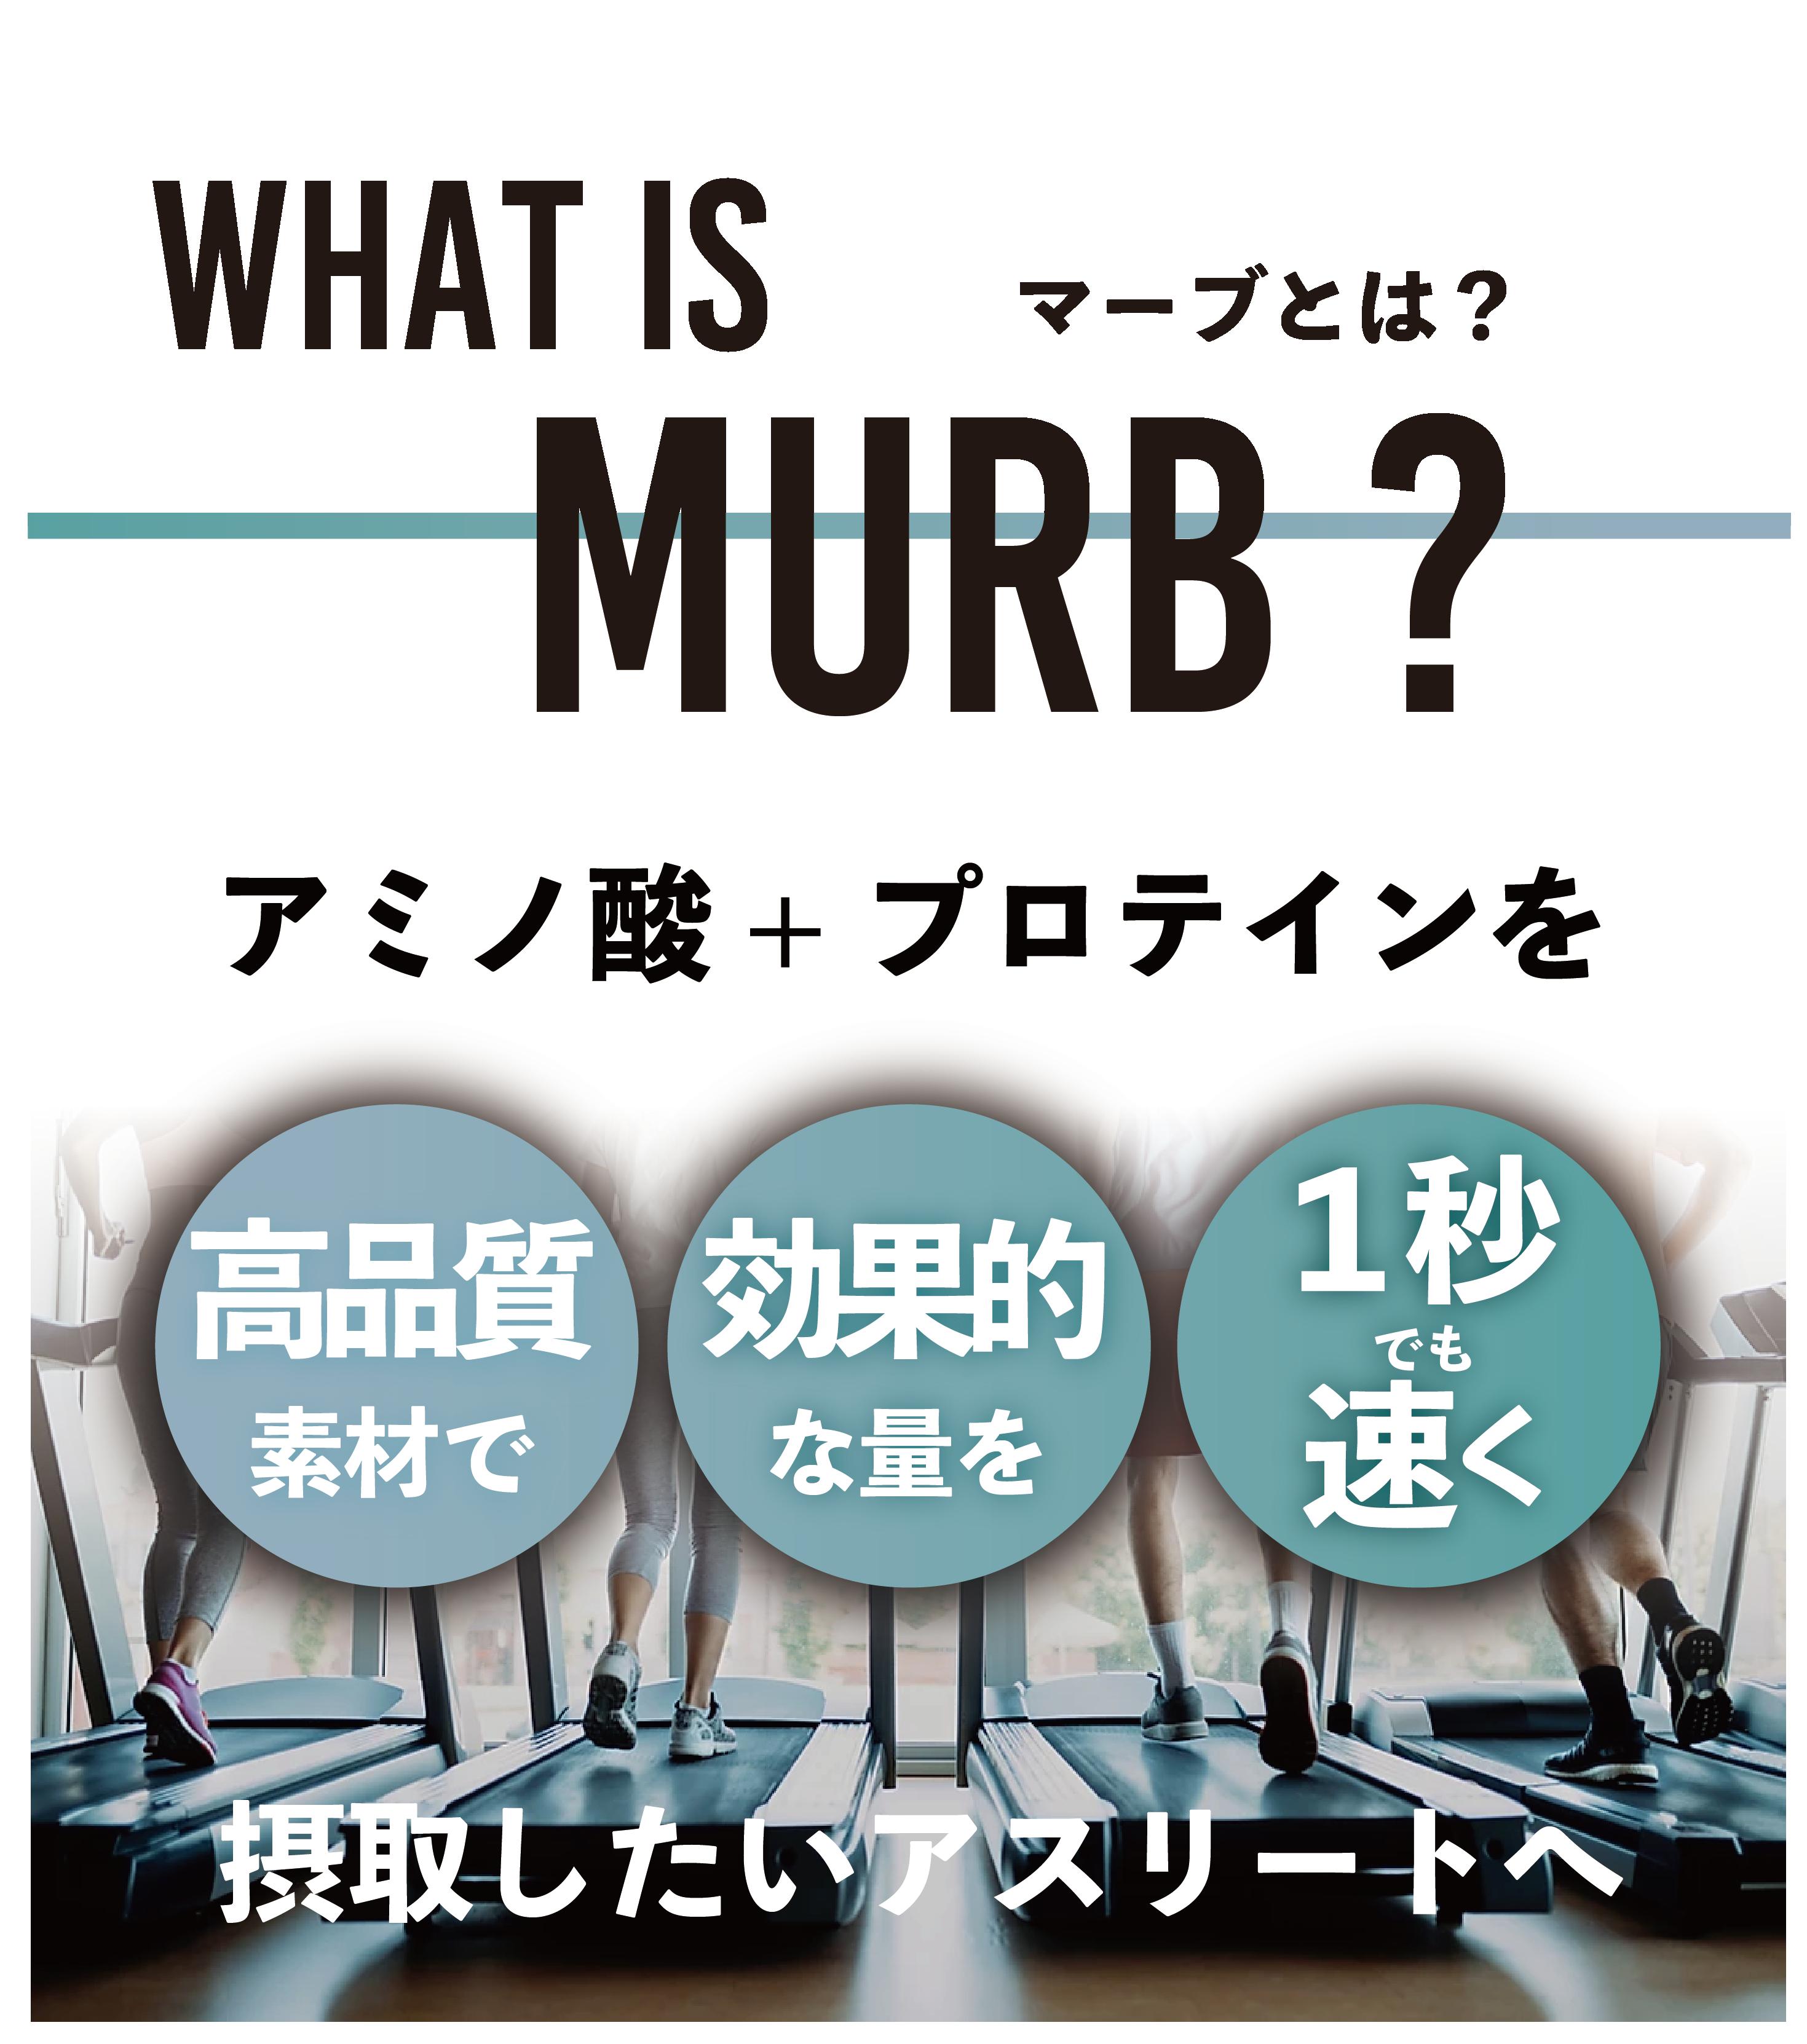 MURB(マーブ)とは?高品質で効果的な量のアミノ酸とプロテインを1秒でも速く摂取したいアスリートへ。